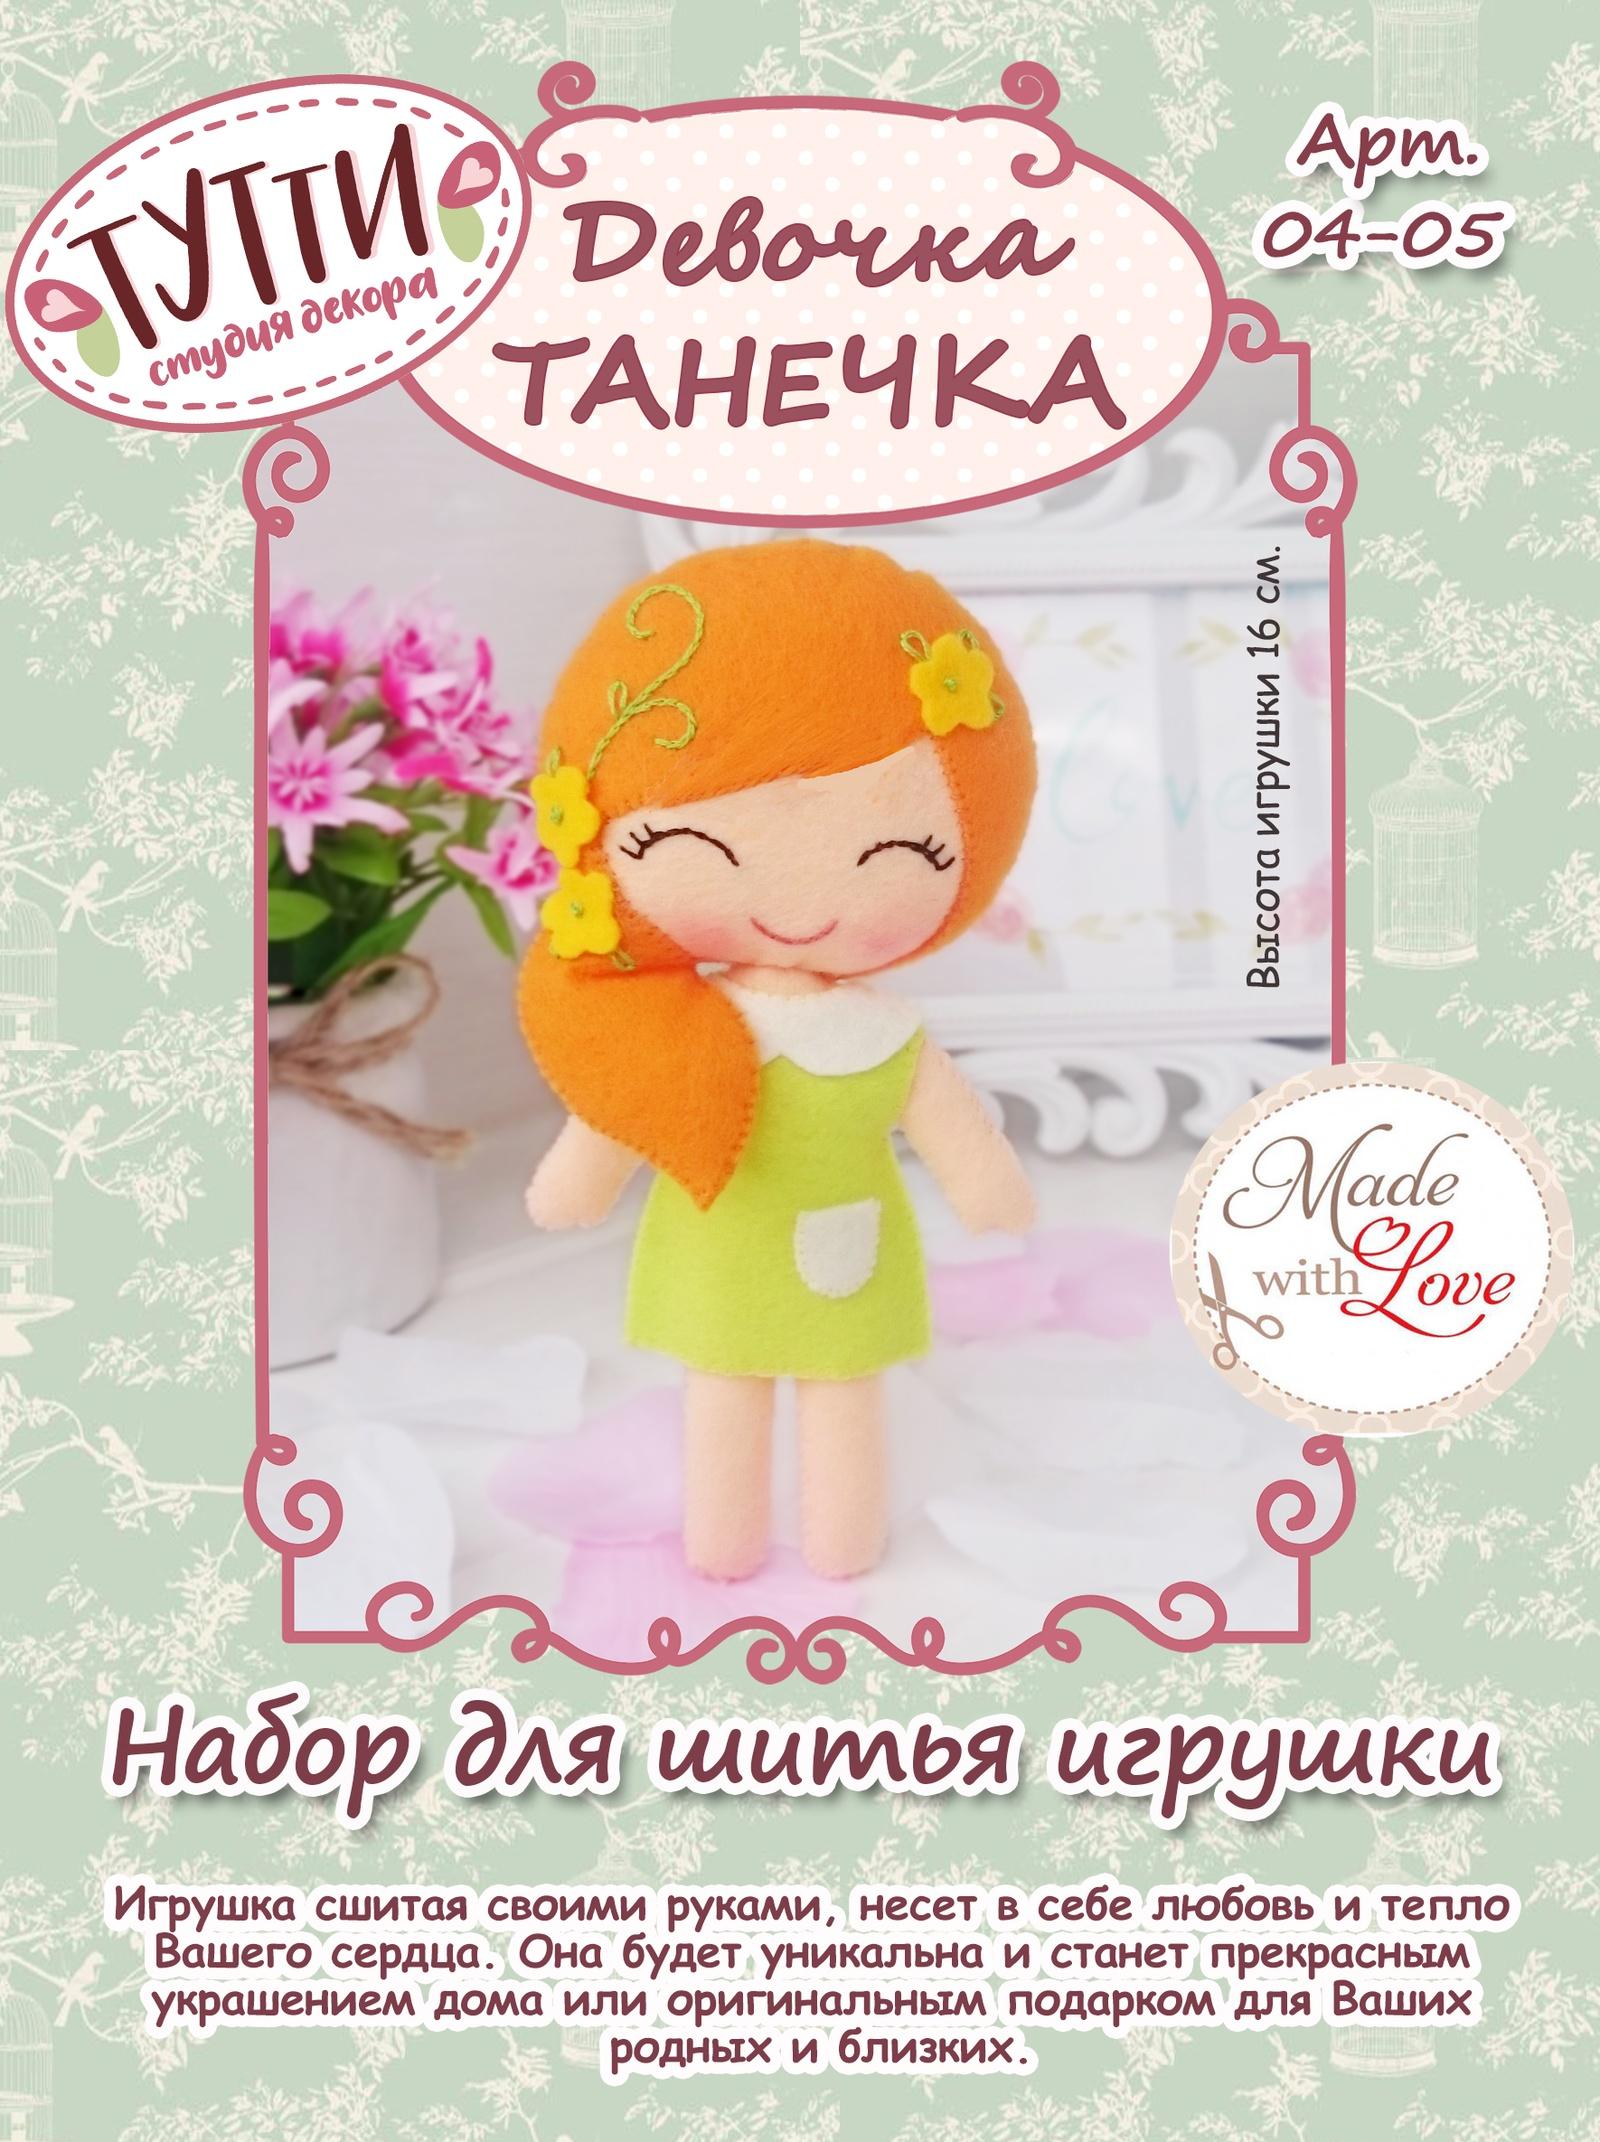 """Набор для изготовления игрушки Тутти """"Девочка Танечка"""", 04-05"""